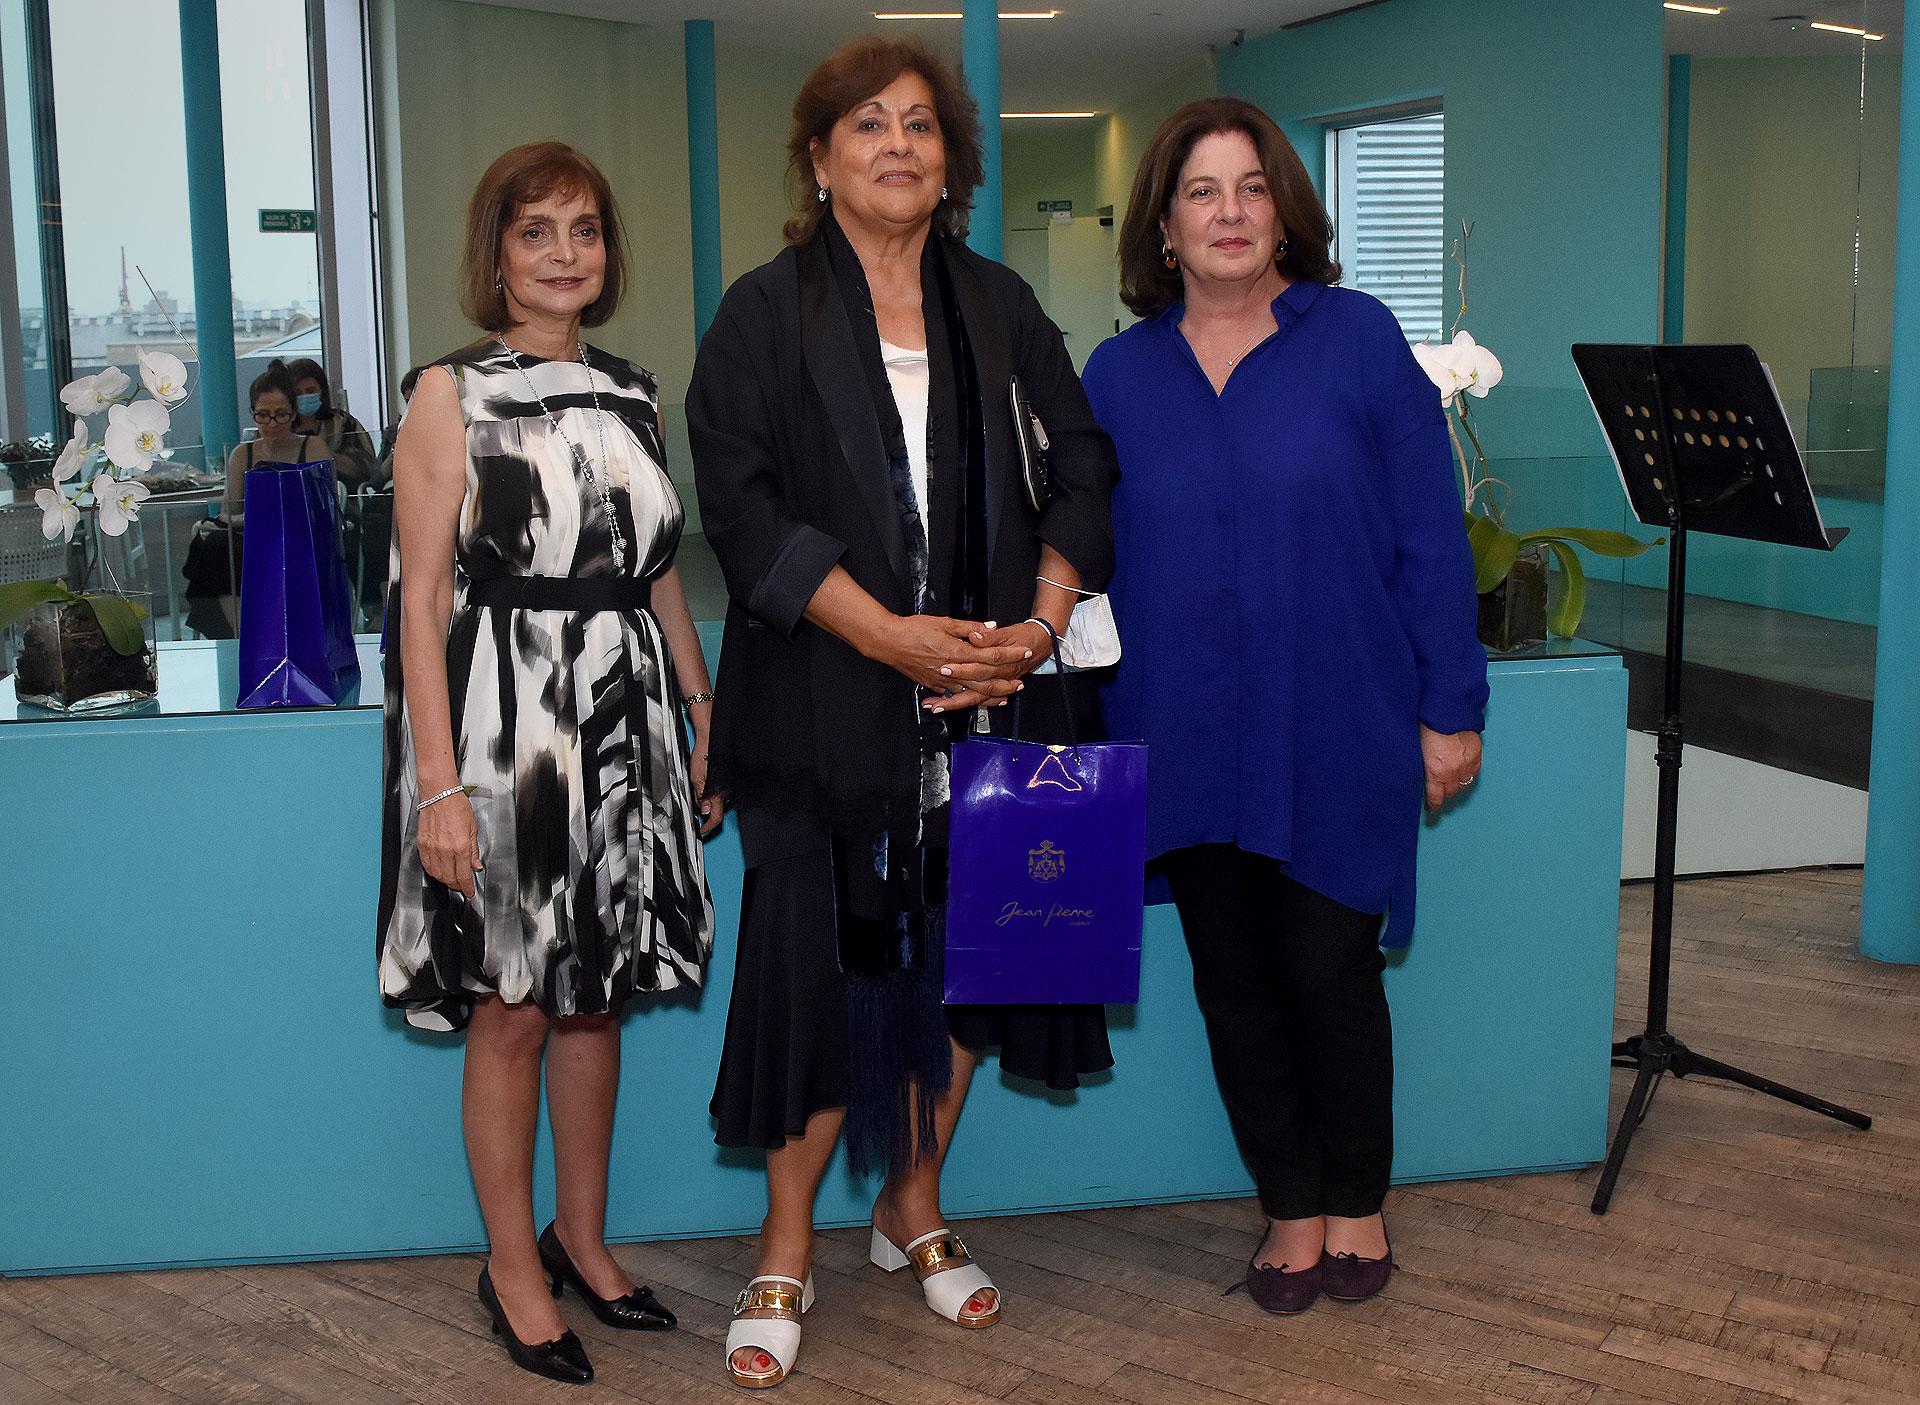 María Rosa Andreani, directora y creadora de la Fundación Andreani, y, además, mentora del nuevo espacio Fundación Andreani en La Boca, una iniciativa abierta a la cultura